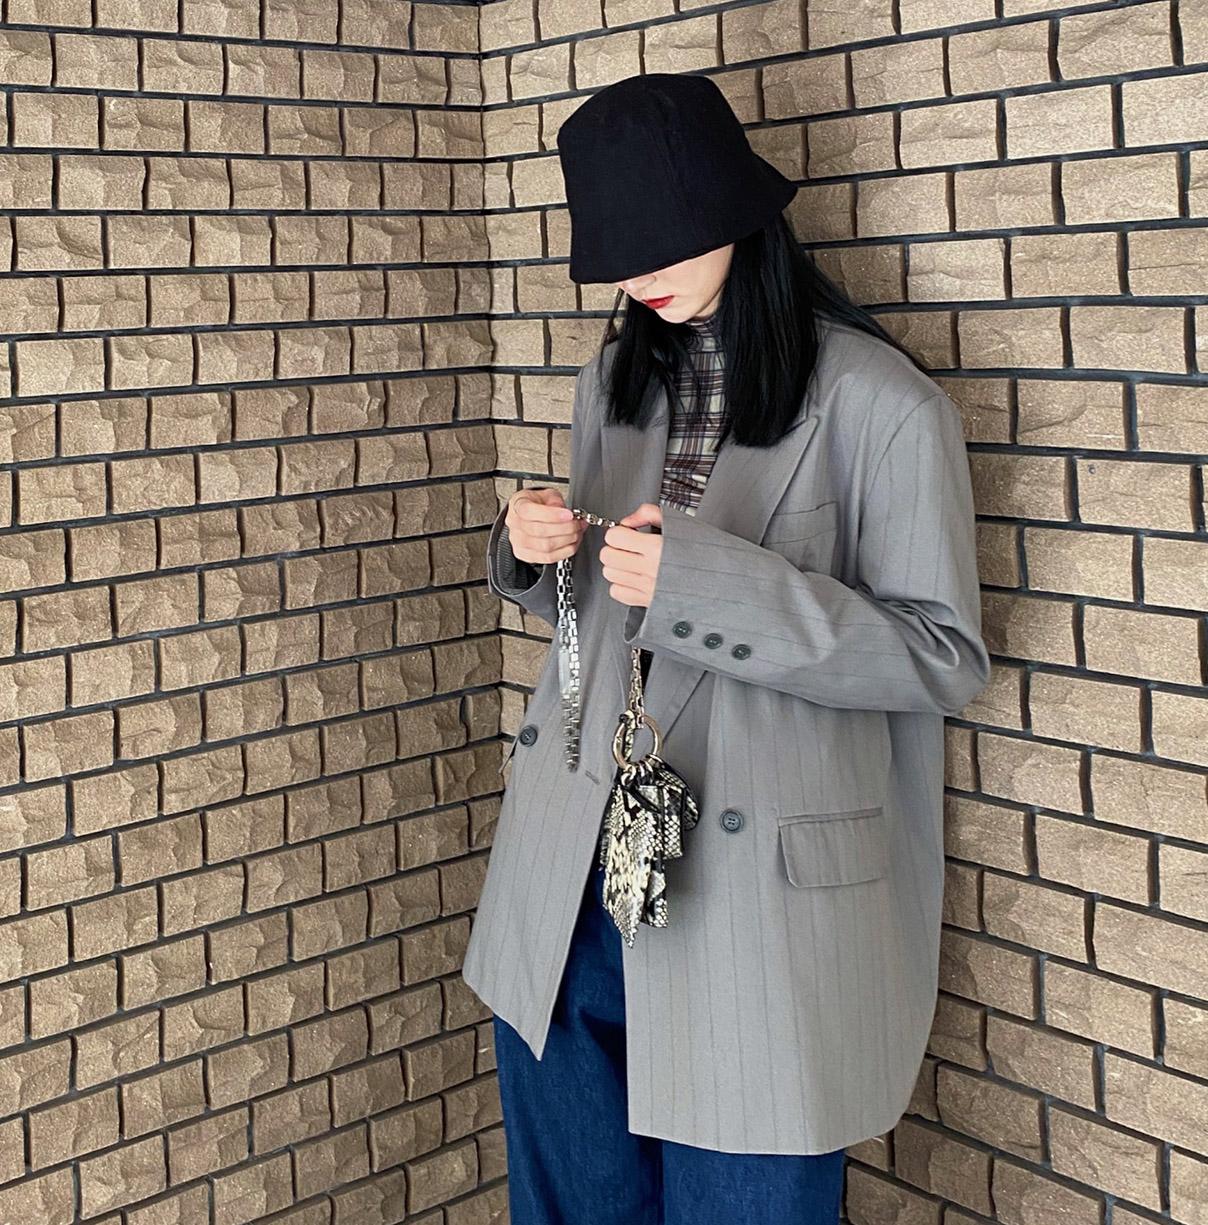 英伦风春款条纹小西服 中性不挑人帅气冷酷款灰绿色经典条纹西装